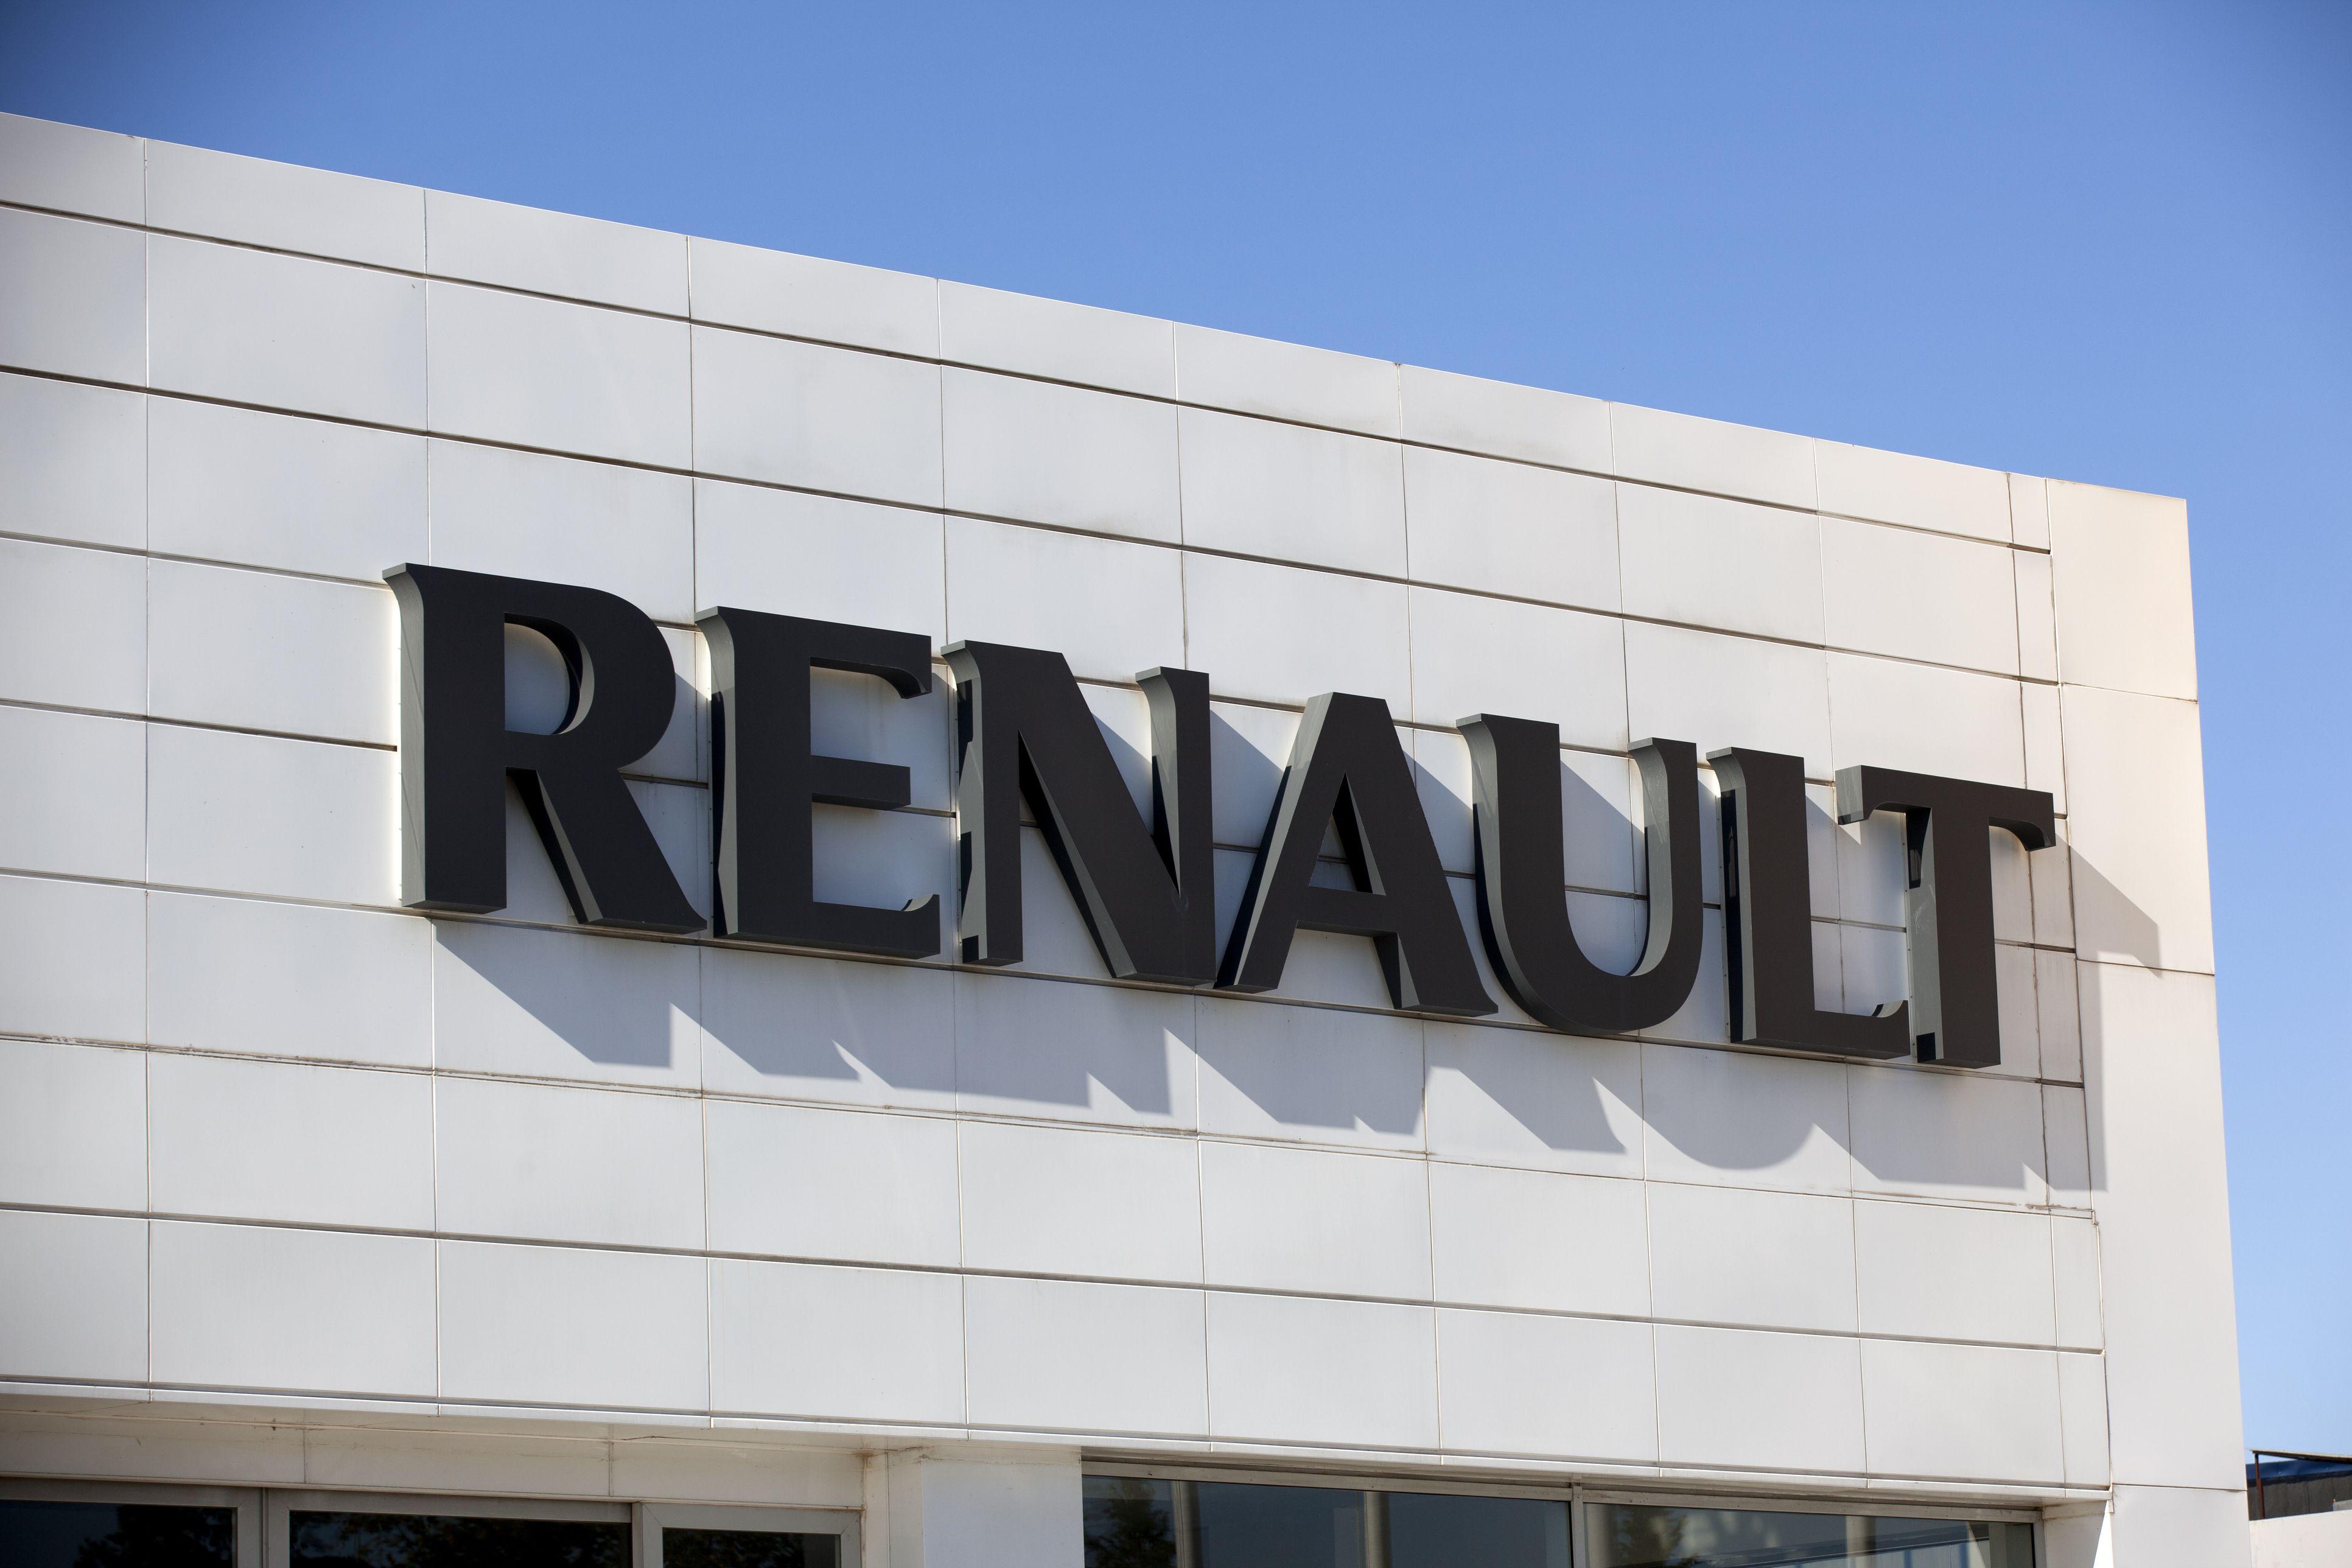 Taller Renault en Usera, Madrid